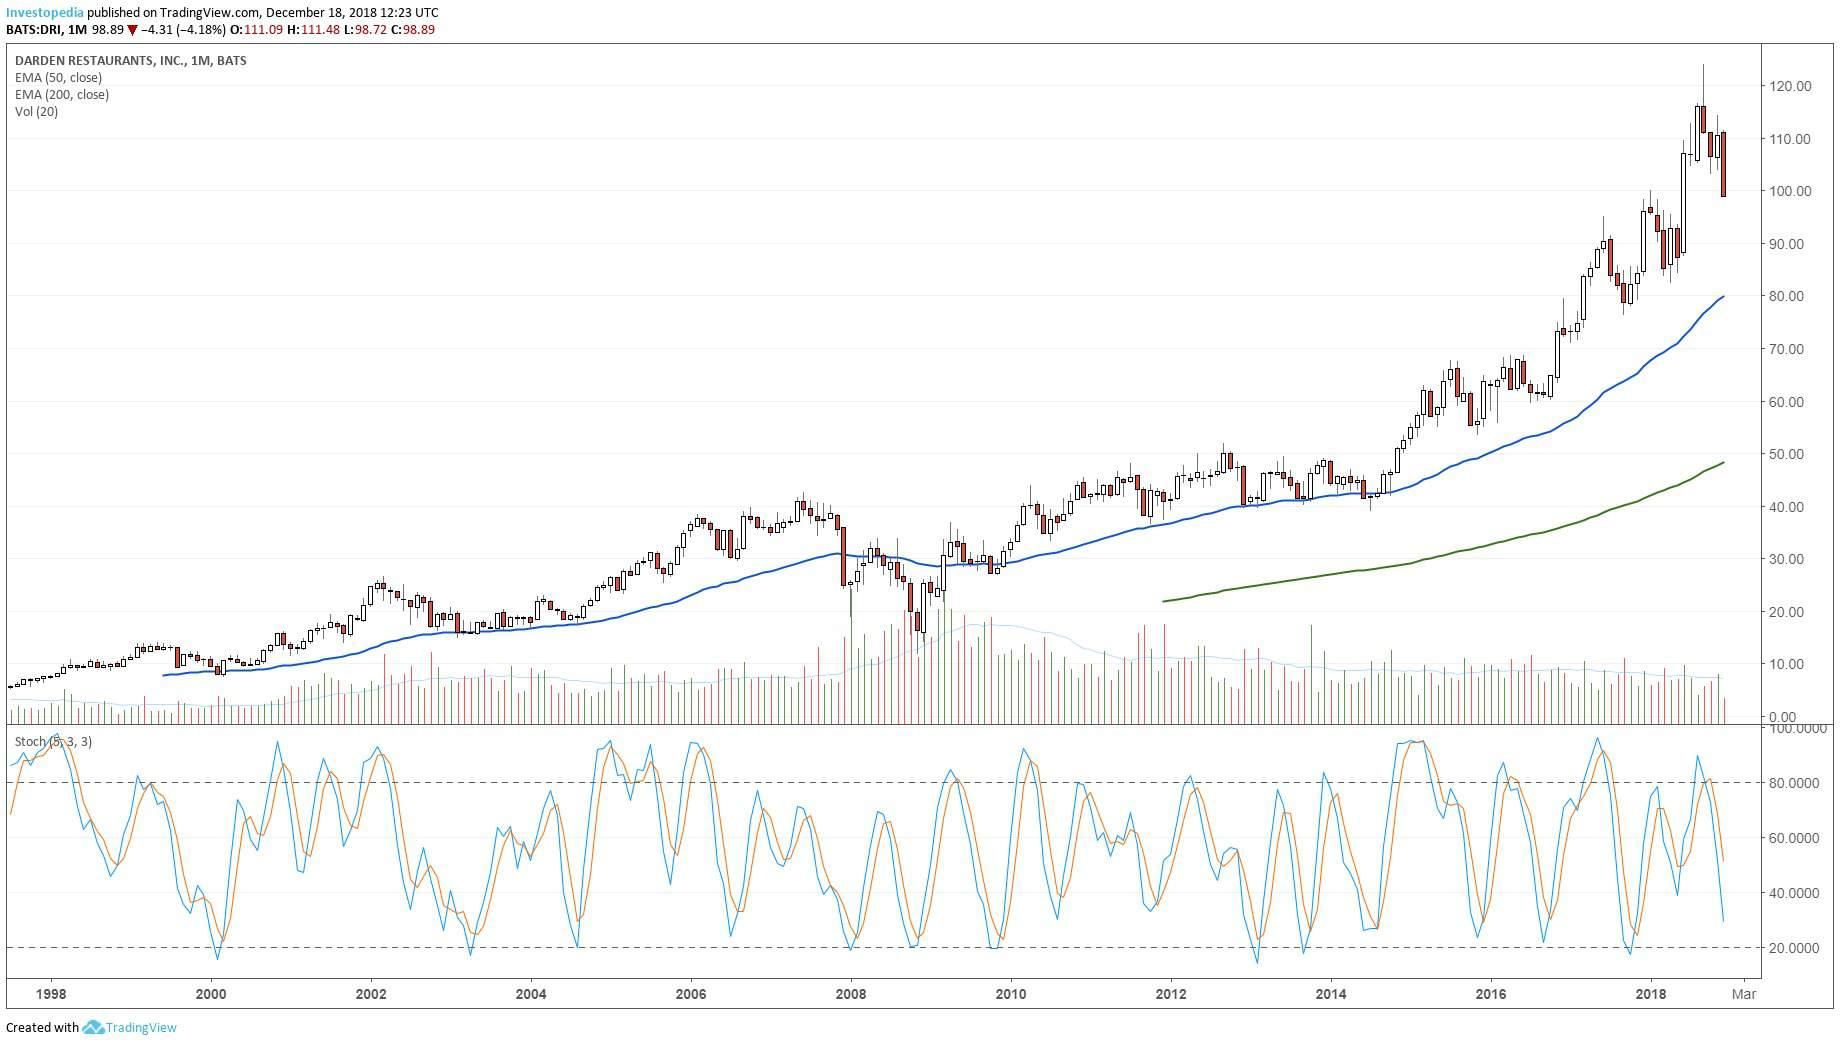 लंबे समय तक Darden रेस्तरां के प्रदर्शन दिखा चार्ट, Inc (डीआरआई) स्टॉक